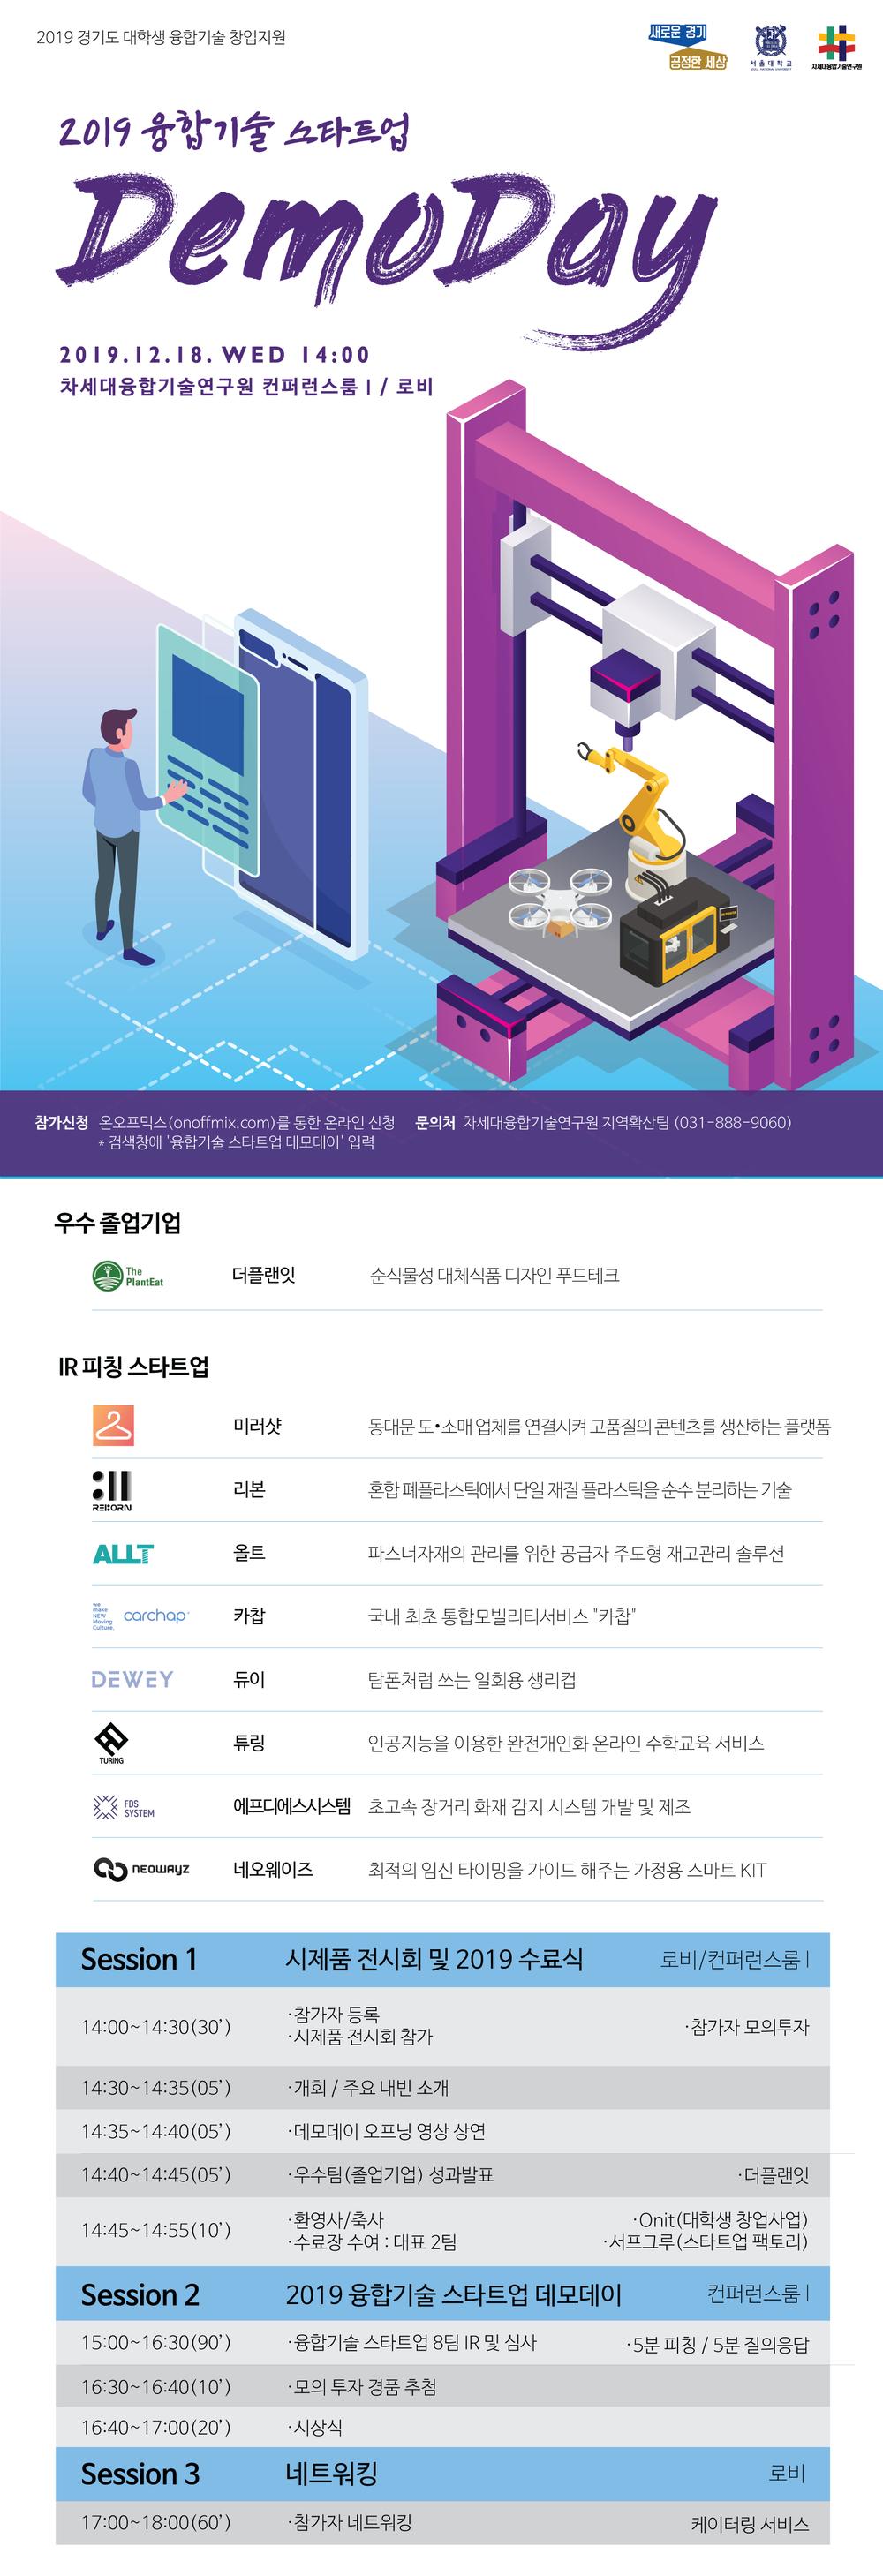 붙임3. 2019 융합기술 스타트업 데모데이 구성.png